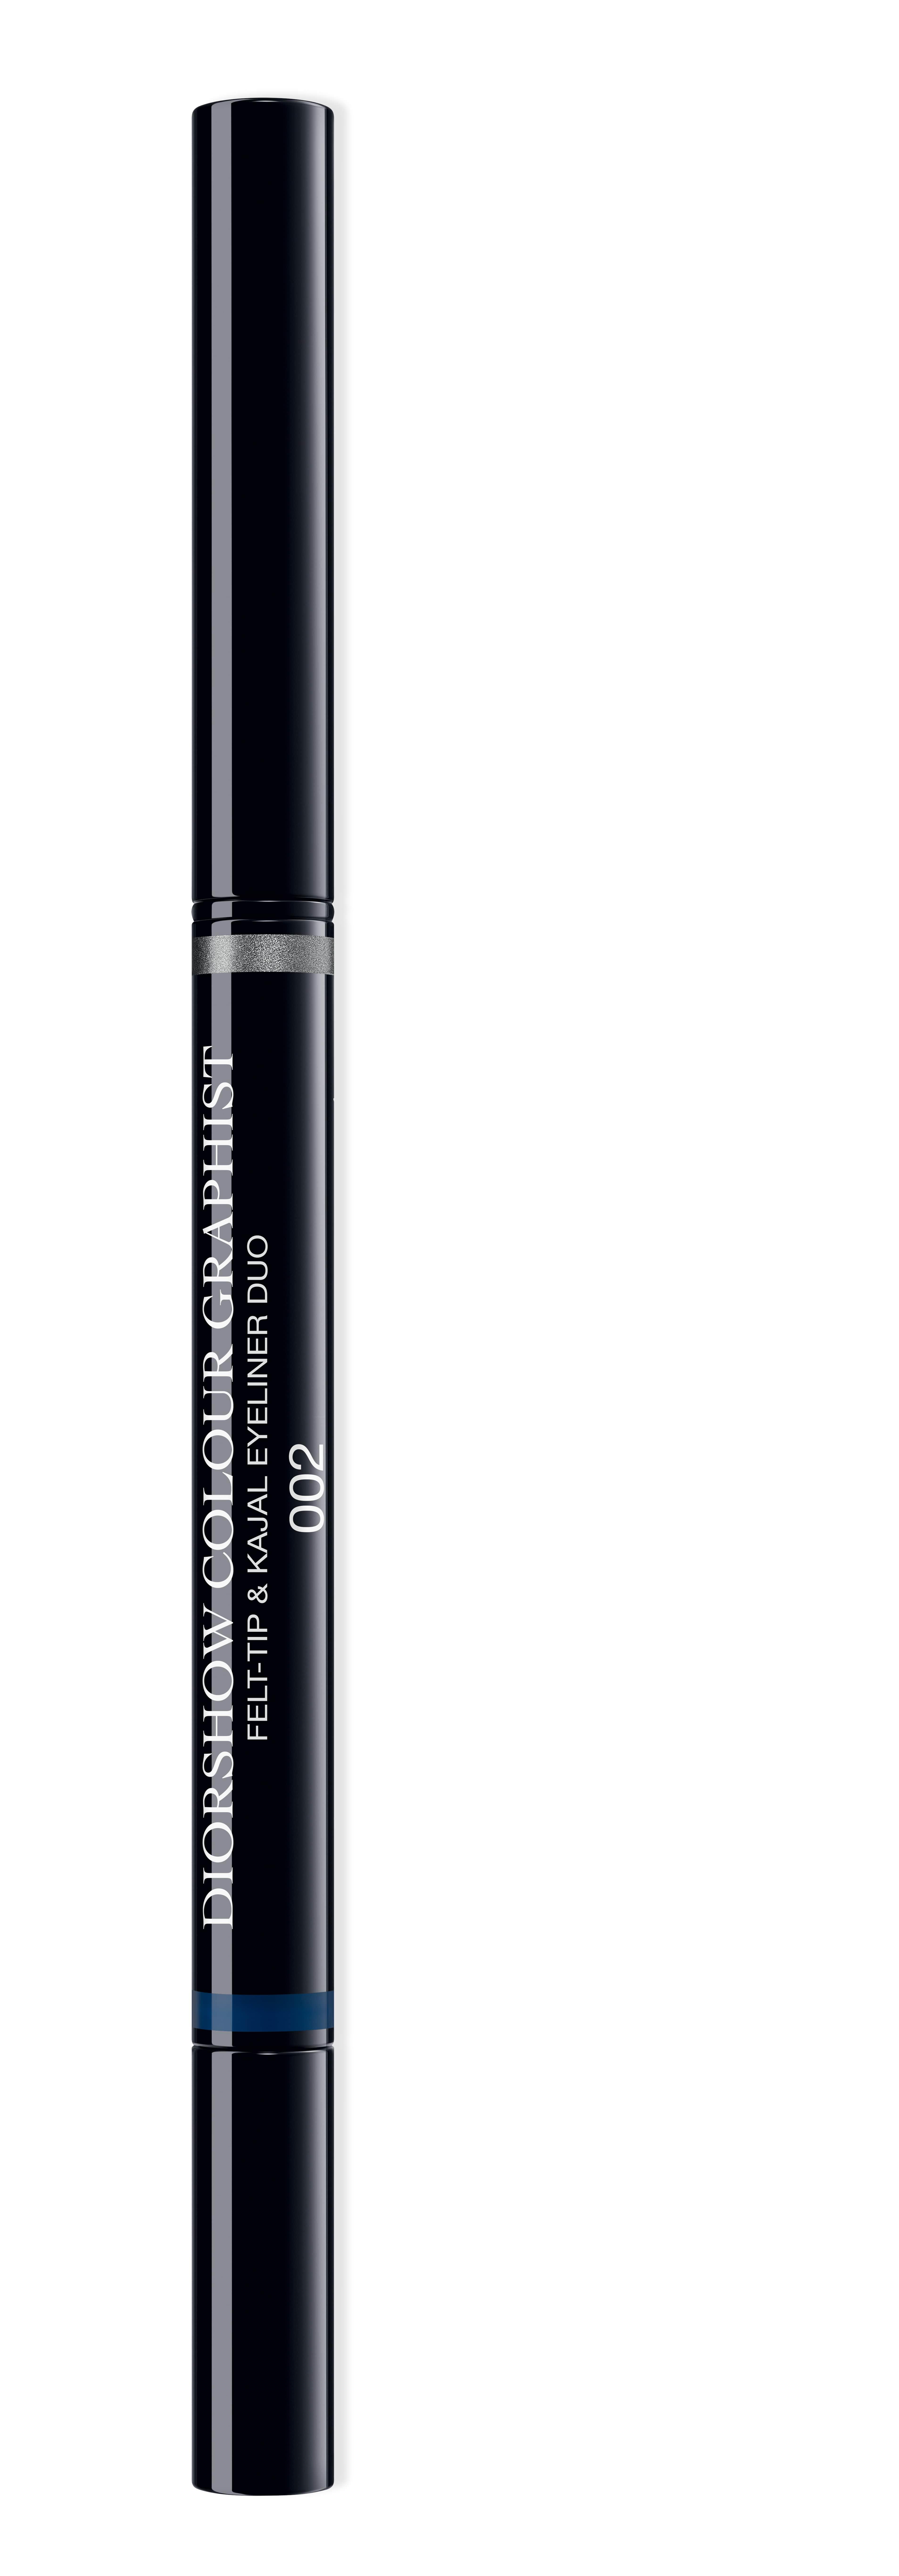 DIOR Diorshow Colour Graphist - Tip & Kohl Kajal Eyeliner, blue/platinum